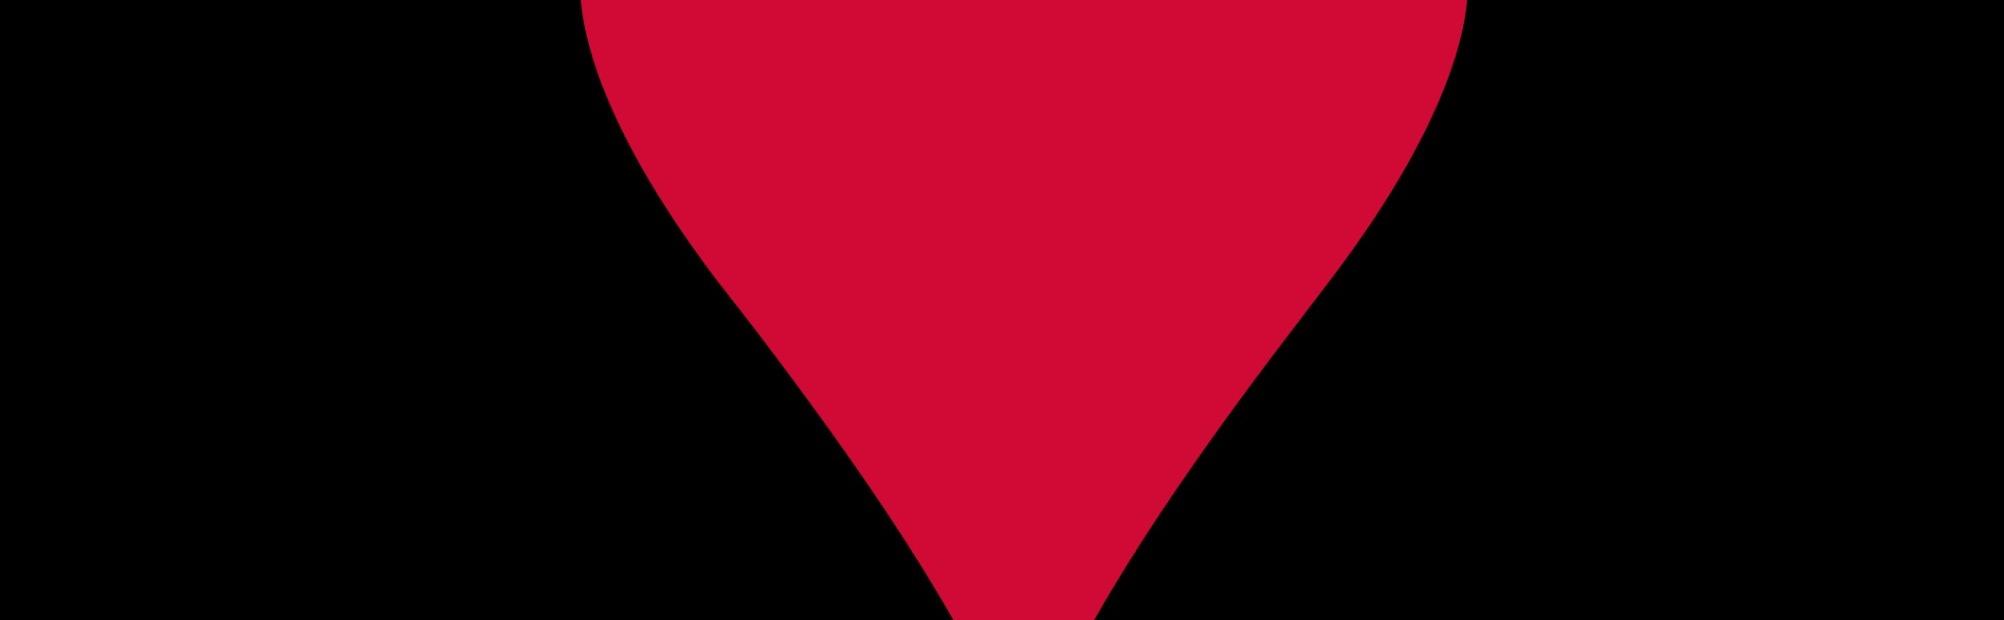 heart noviton